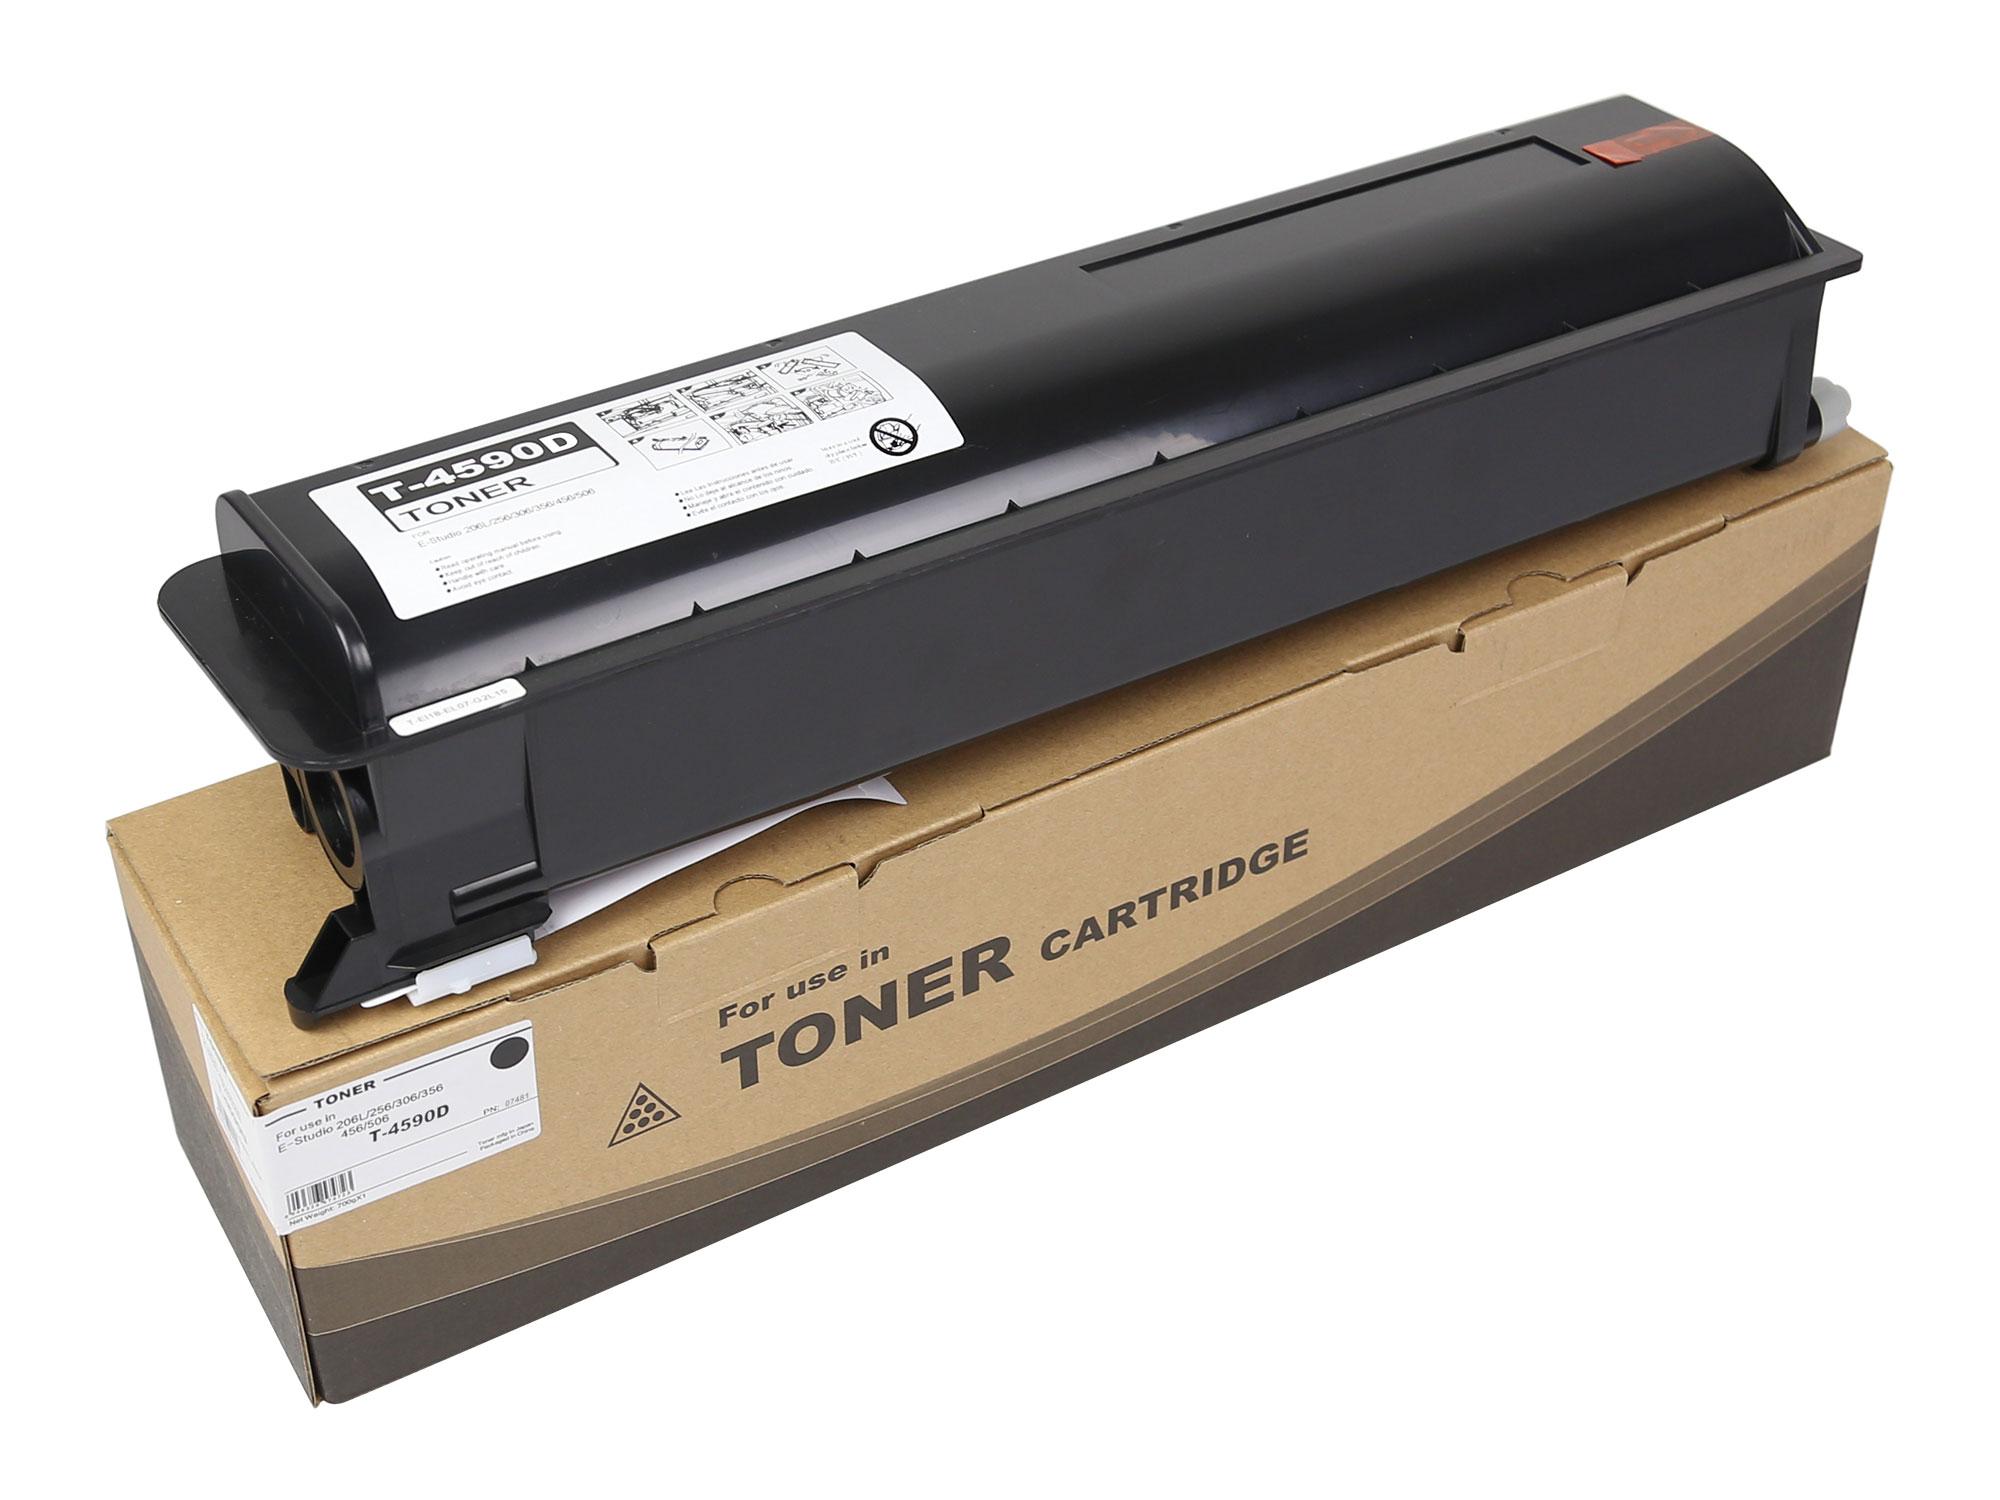 6AG00004033 T-4590D Toner Cartridge for Toshiba E-Studio 206L